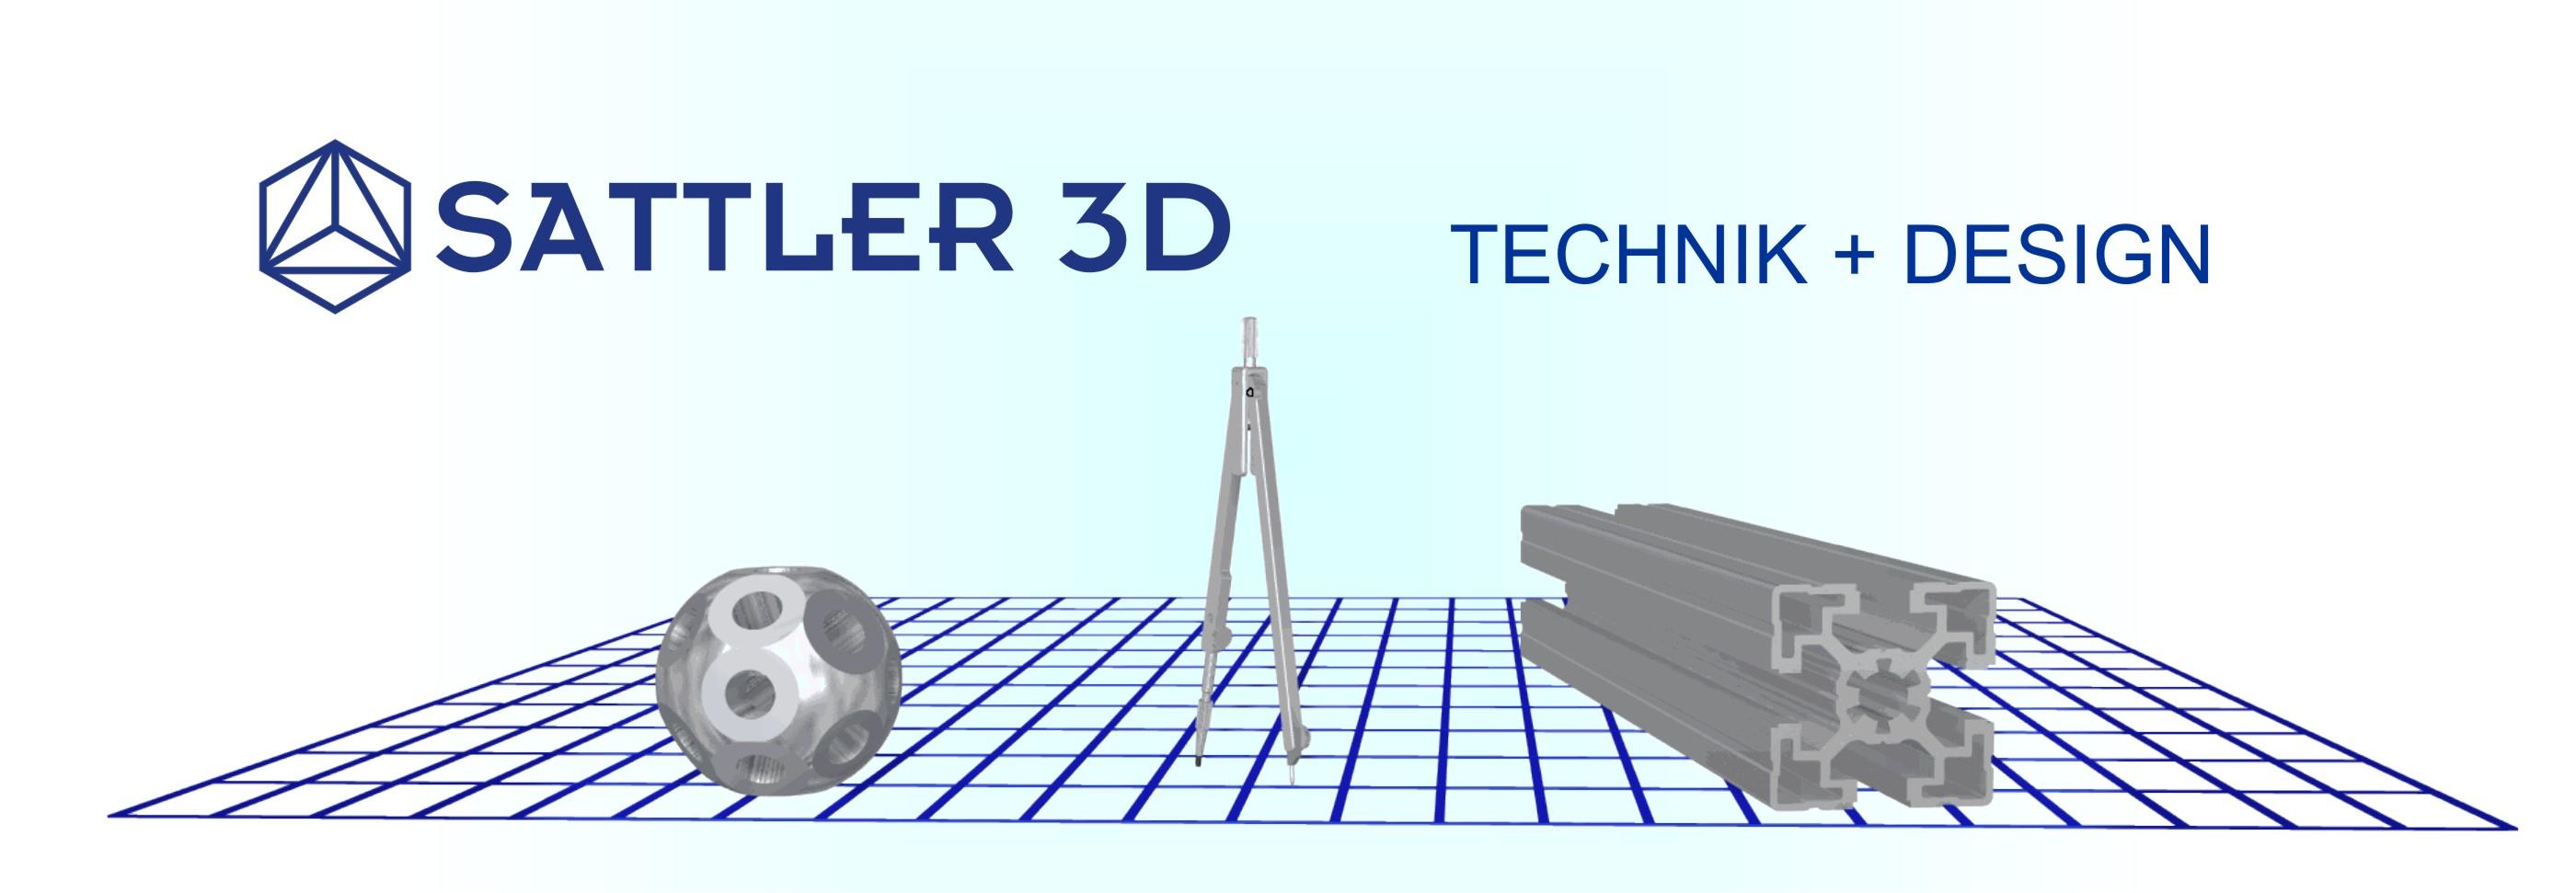 SATTLER 3D